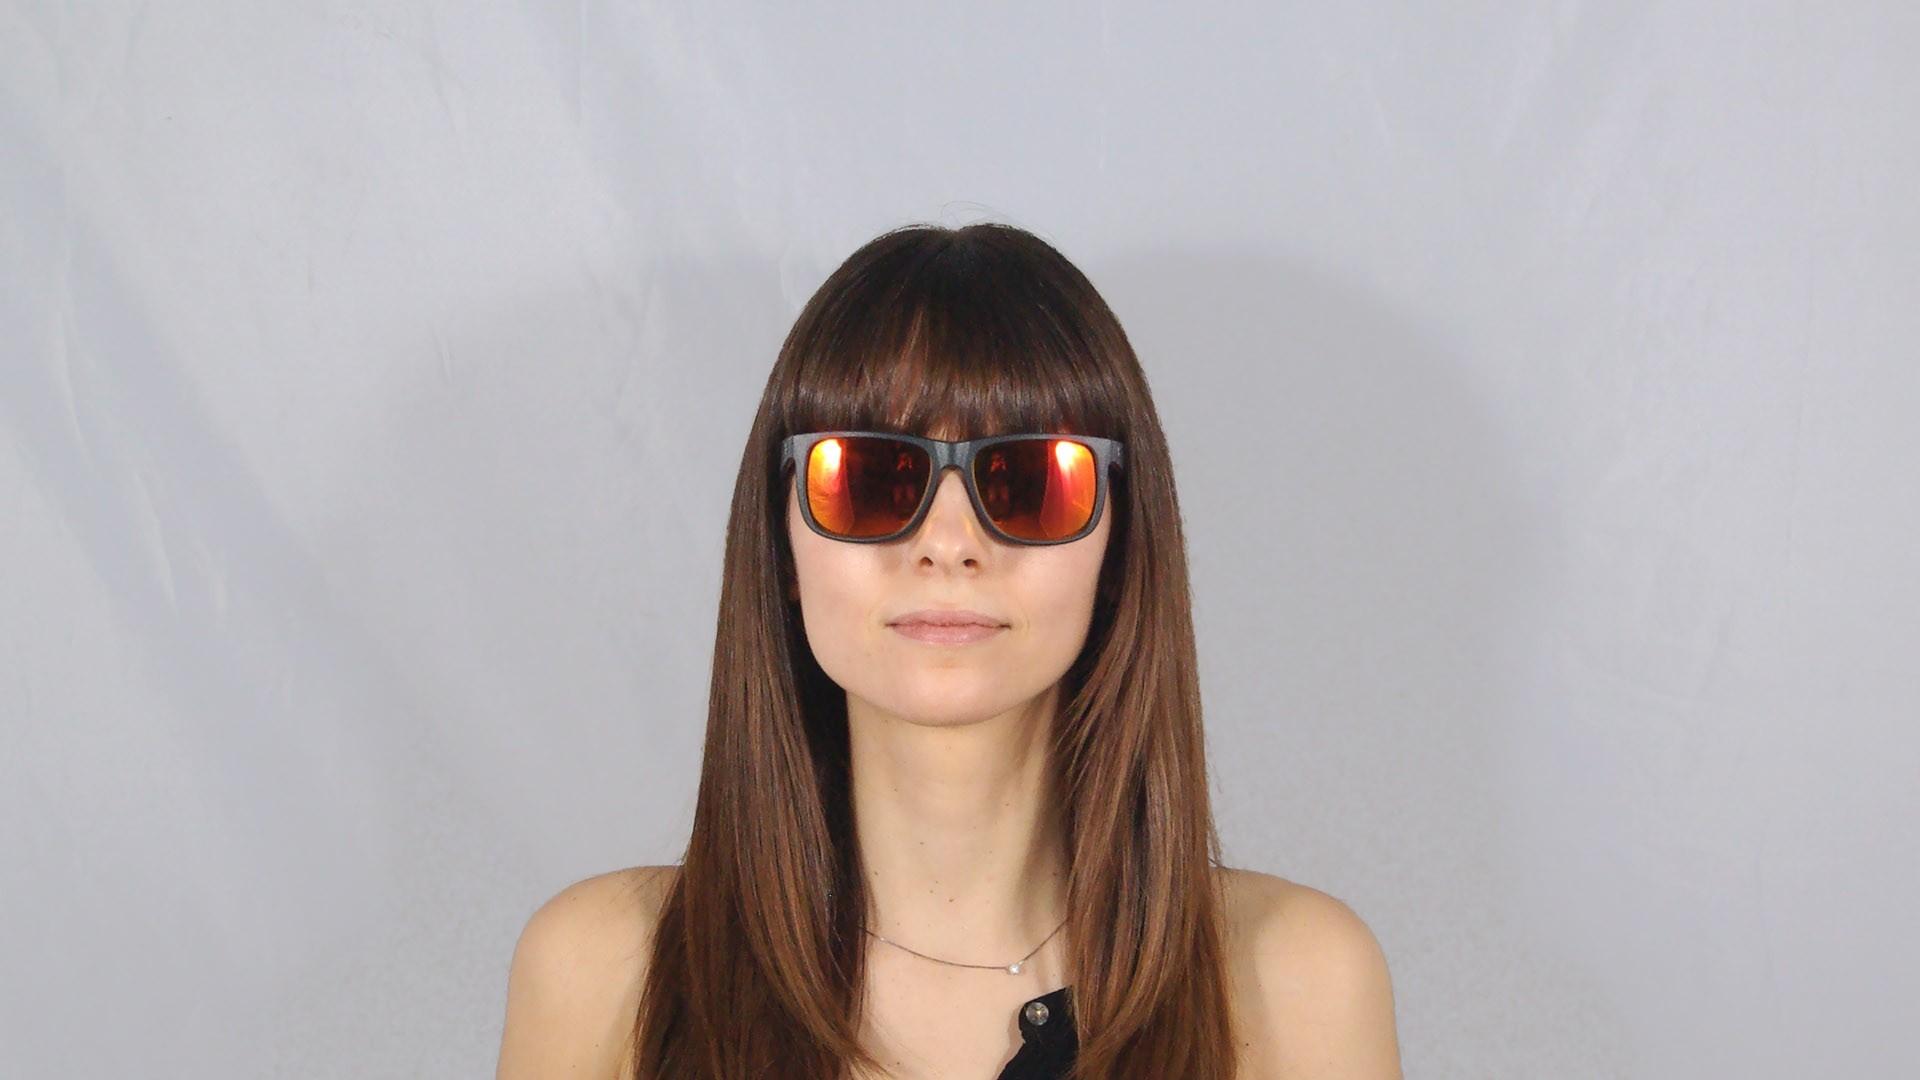 27c2ff10afd Sonnenbrillen Ray-Ban Justin Schwarz Matt RB4165 622 6Q 54-16 Breit  Verspiegelte Gläser